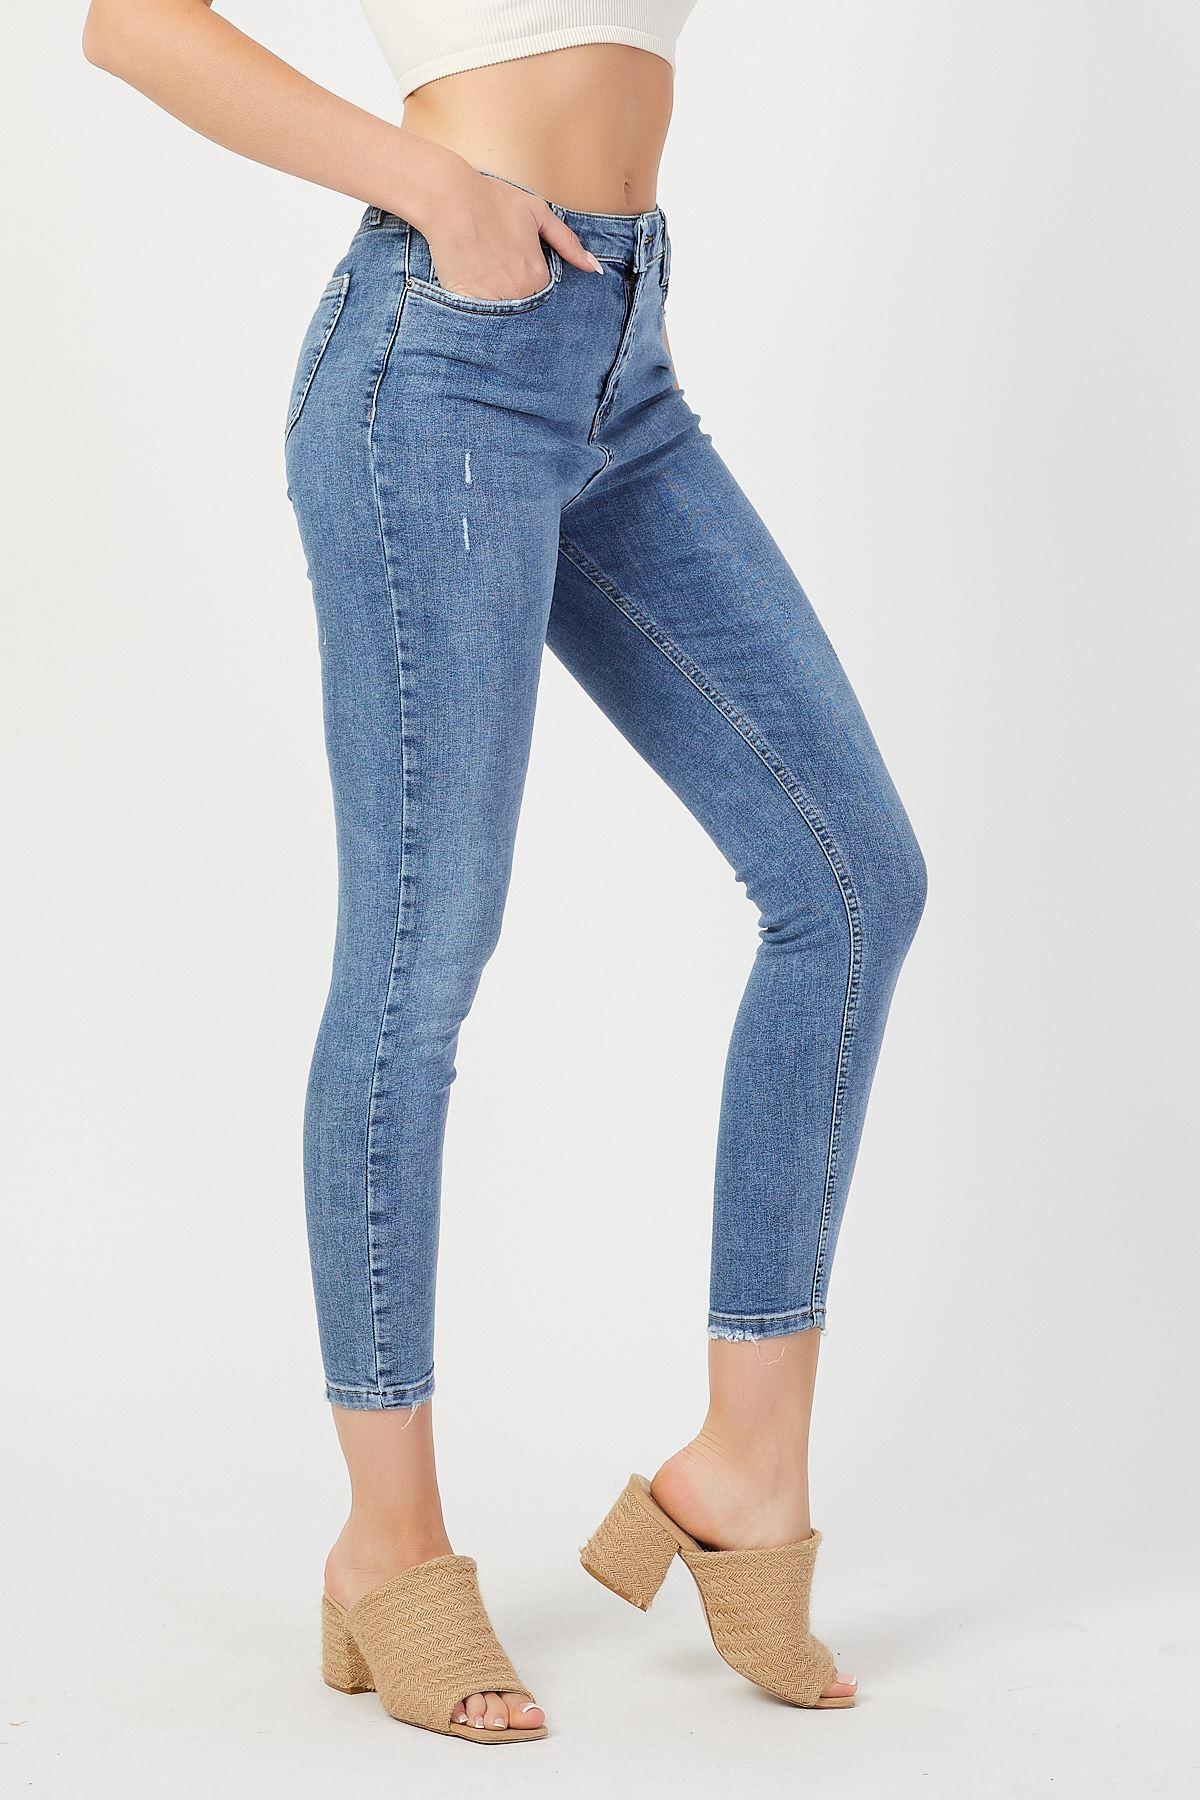 Yüksek Bel Yıpratmalı Dar Paça Pantolon